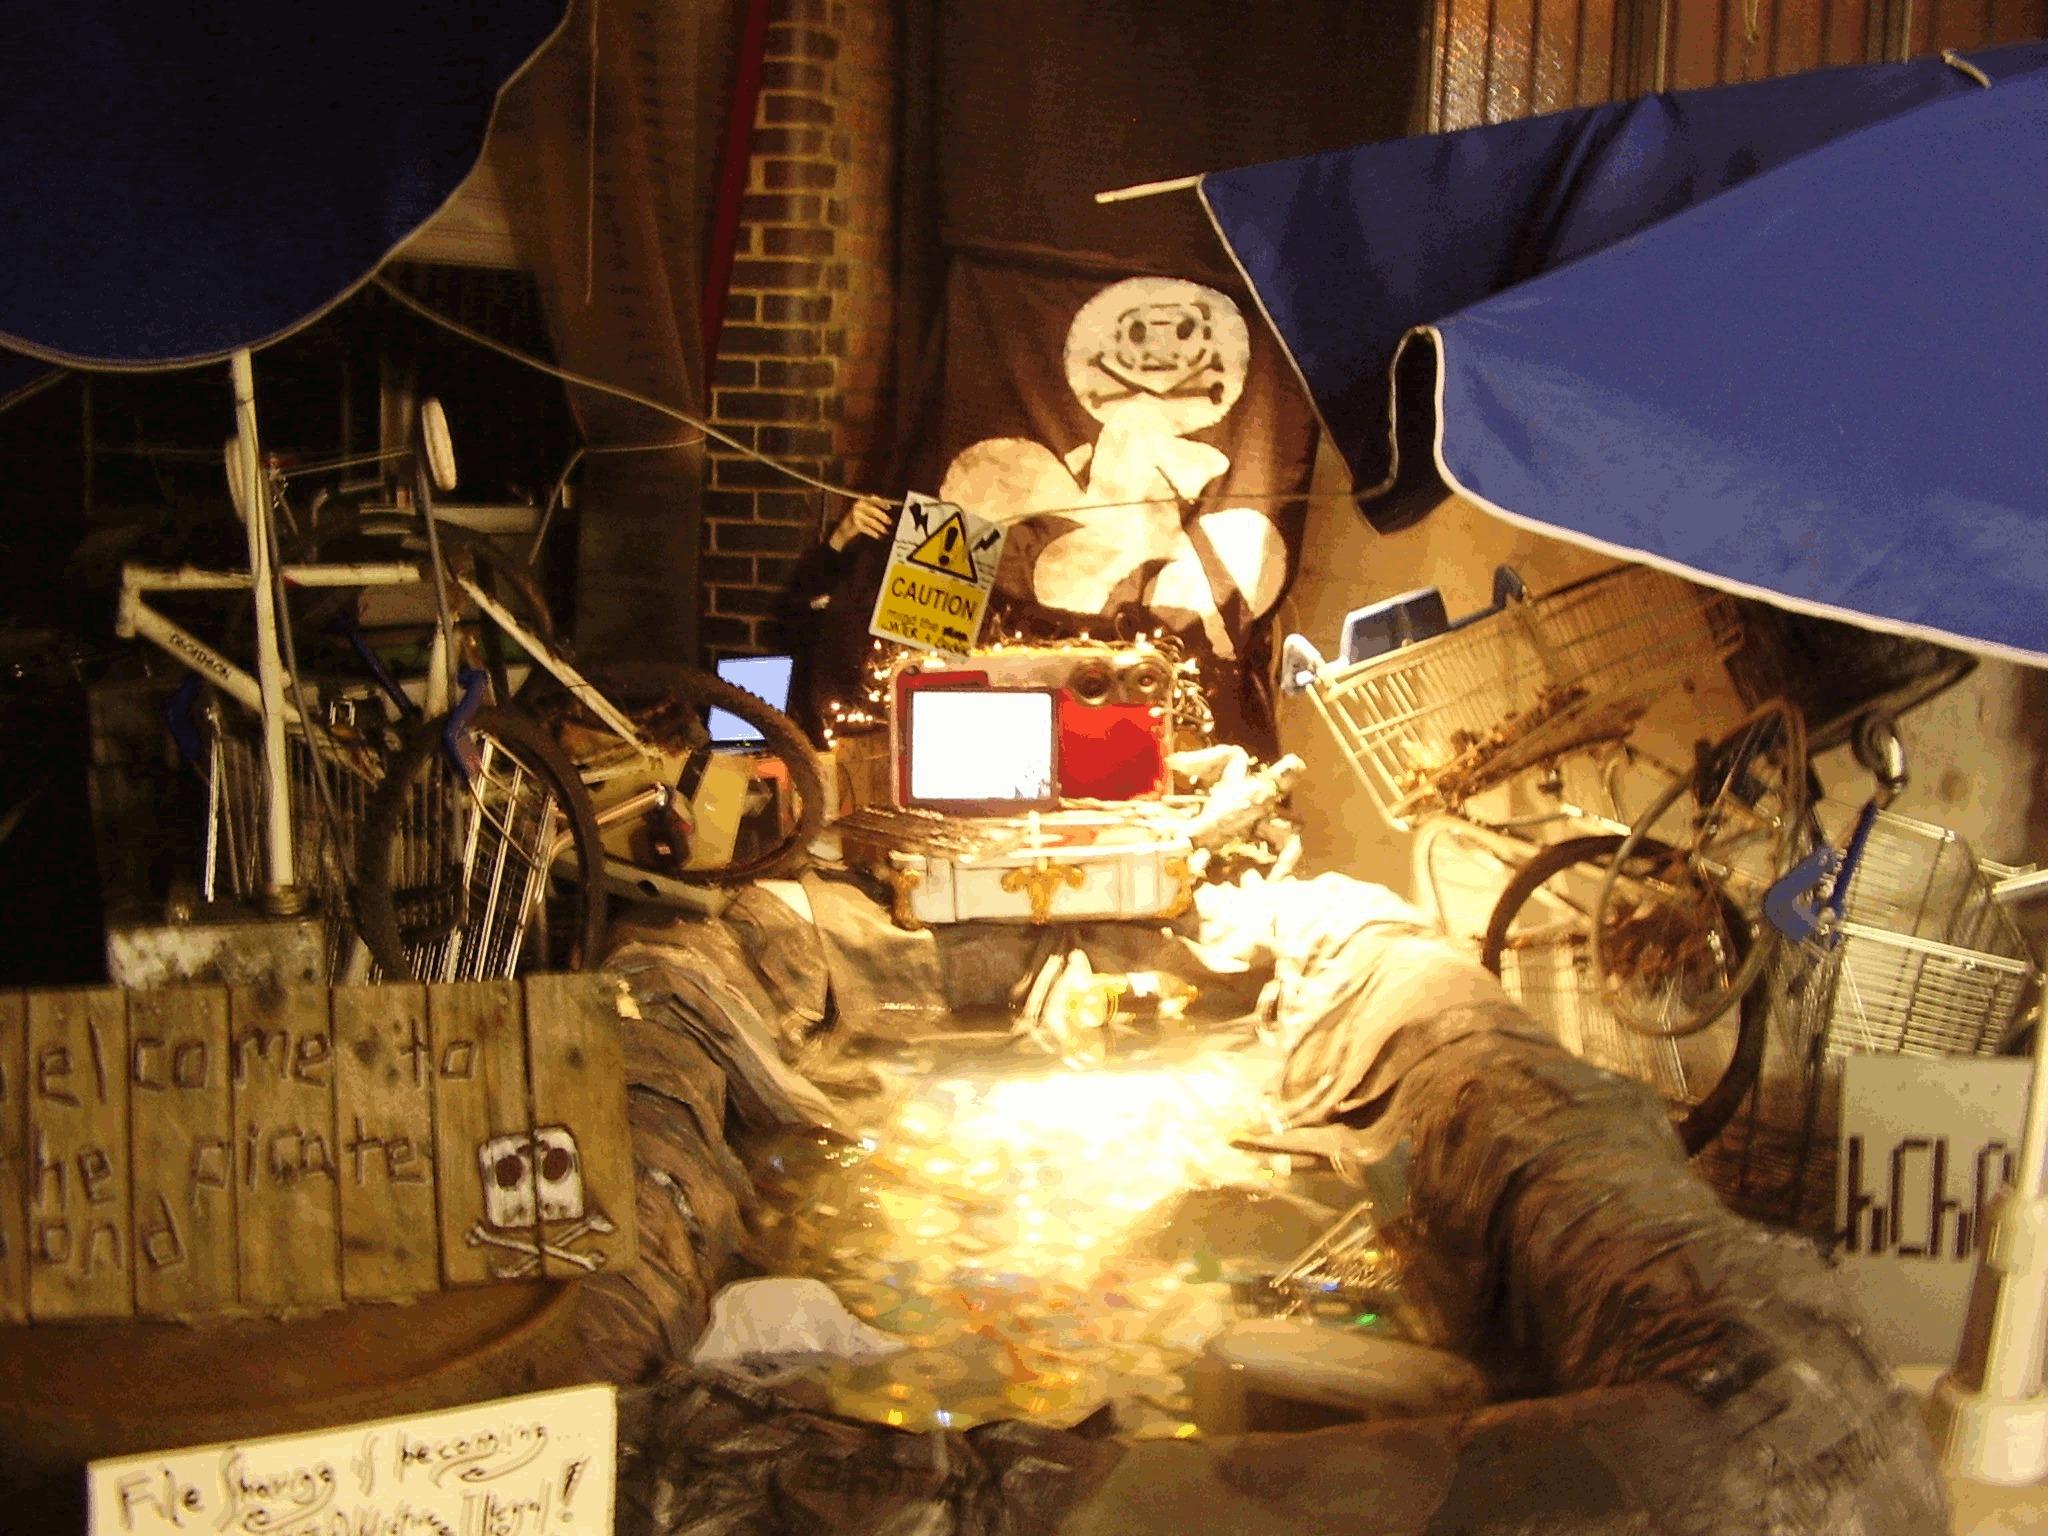 """Figura 5: Instalación """"Piratepond"""" del Hackney Crack House en la exhibición Temporary Autonomous Art en Londres, 2011, que incluye una Burnstation. La foto es de dominio público."""